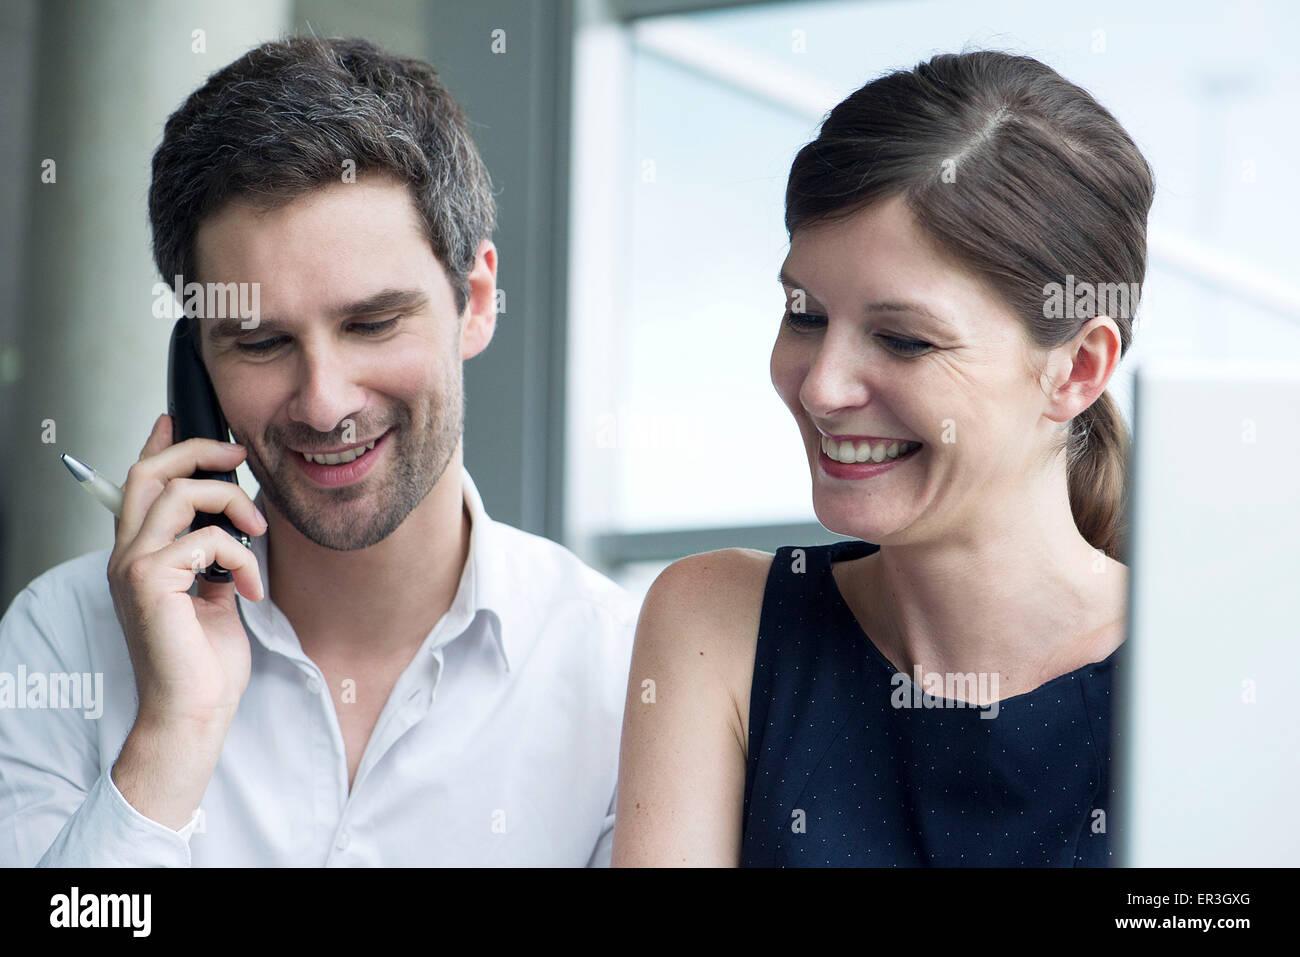 Colleghi di lavoro insieme sorridente, uomo parlando al cellulare Immagini Stock